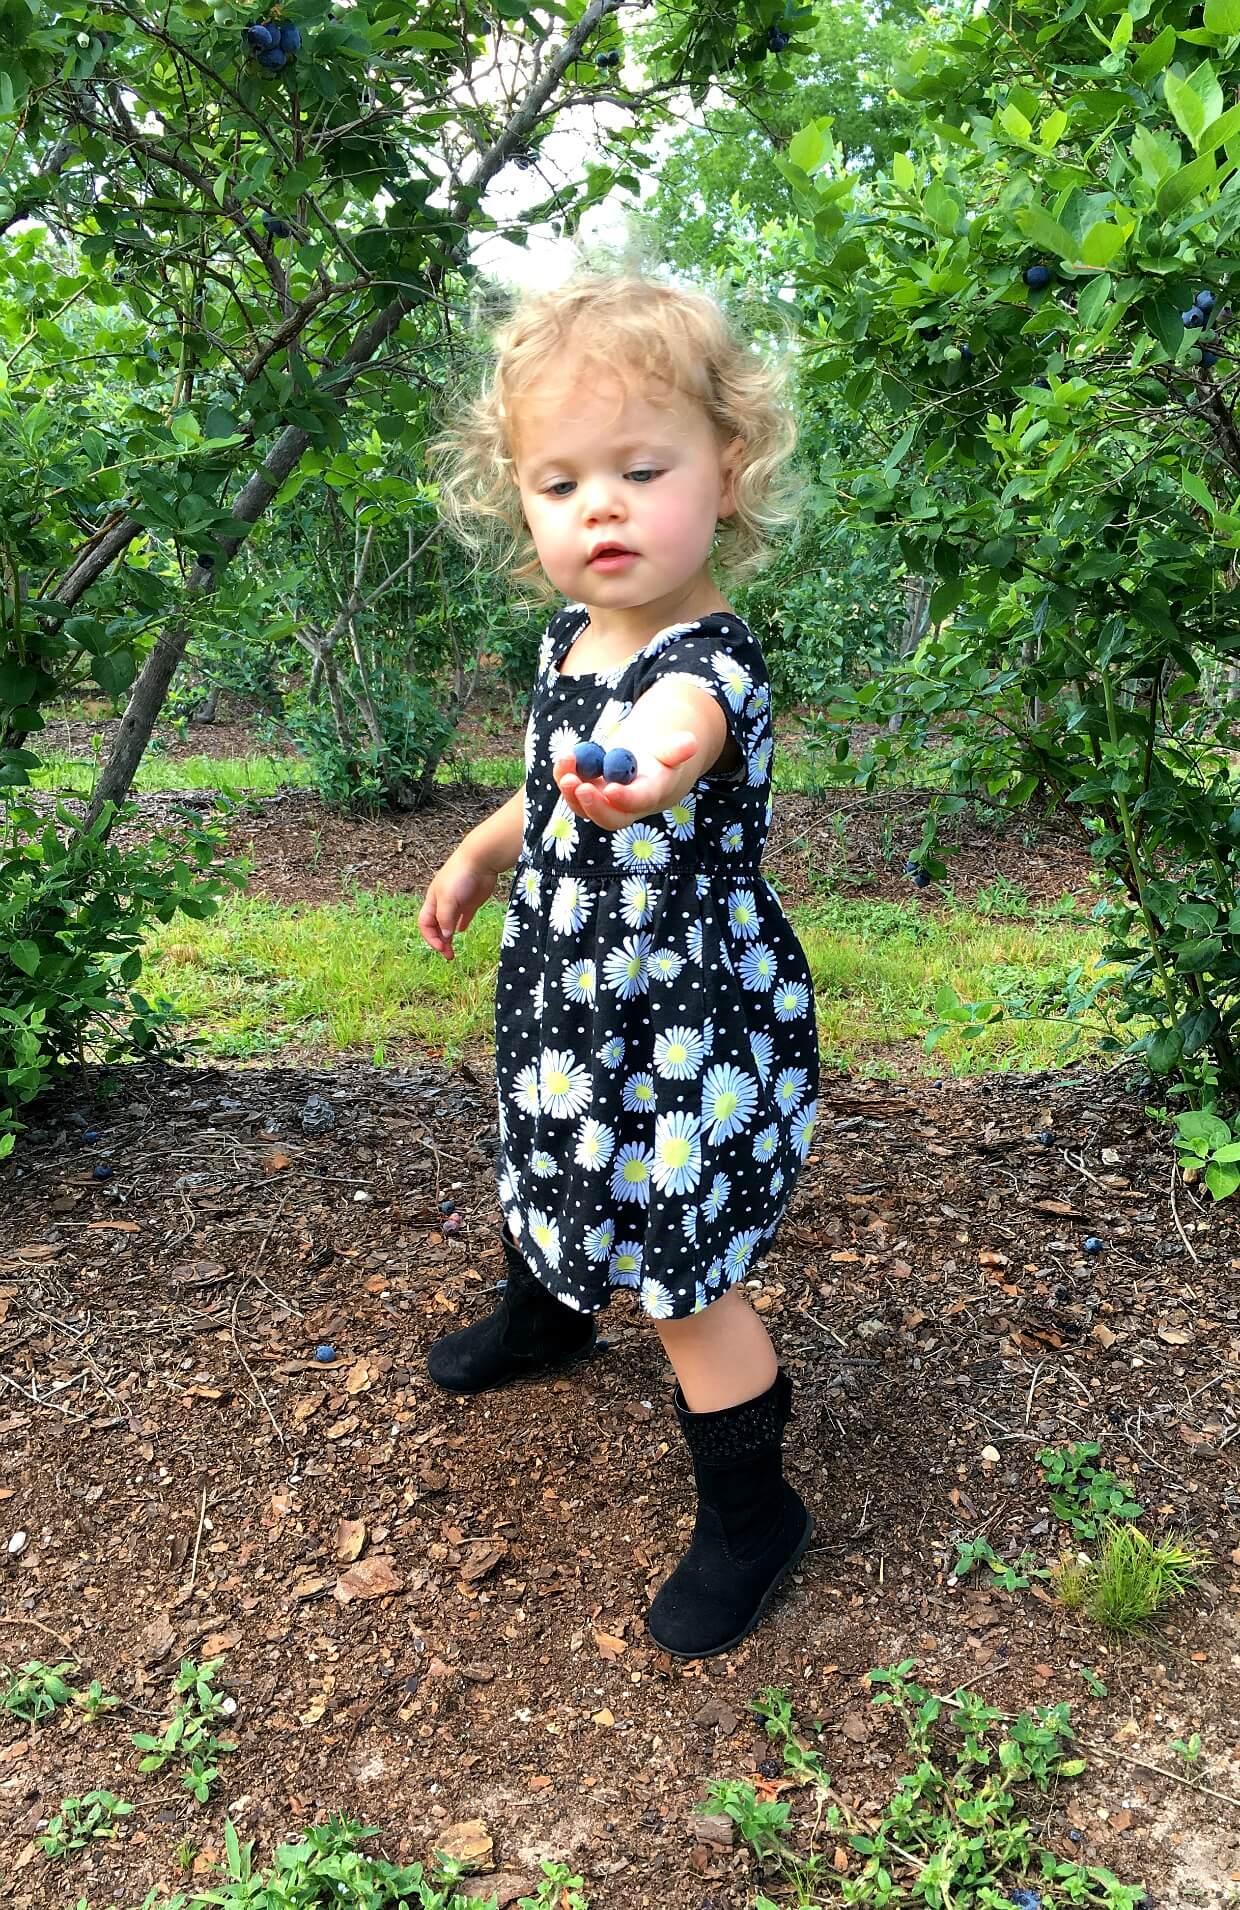 Family Fun: Blueberry Picking!